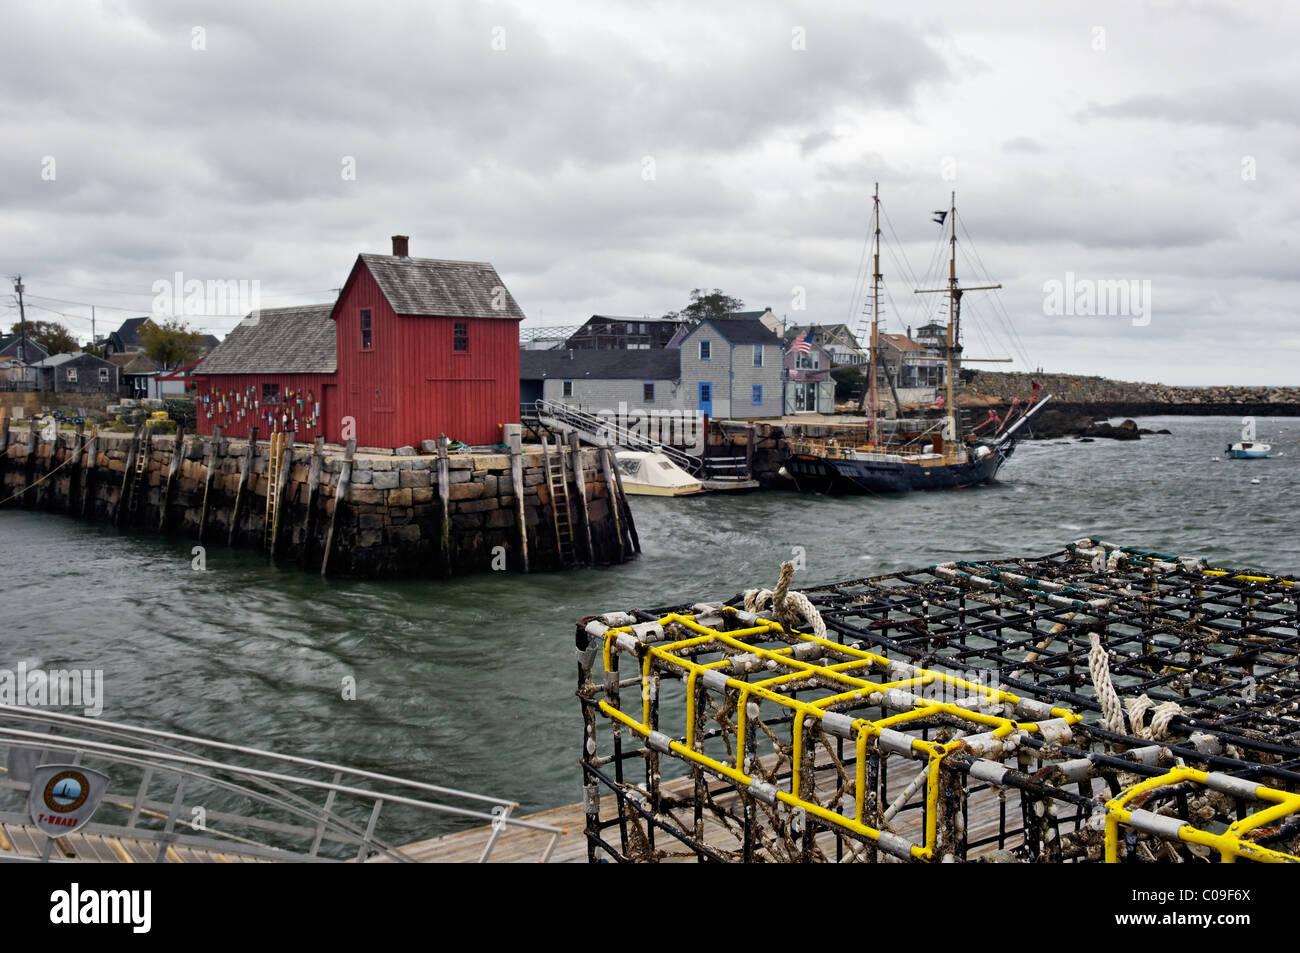 Hummerfallen, Motiv Nummer 1 und Schoner am Dock in Rockport, Massachusetts Stockbild